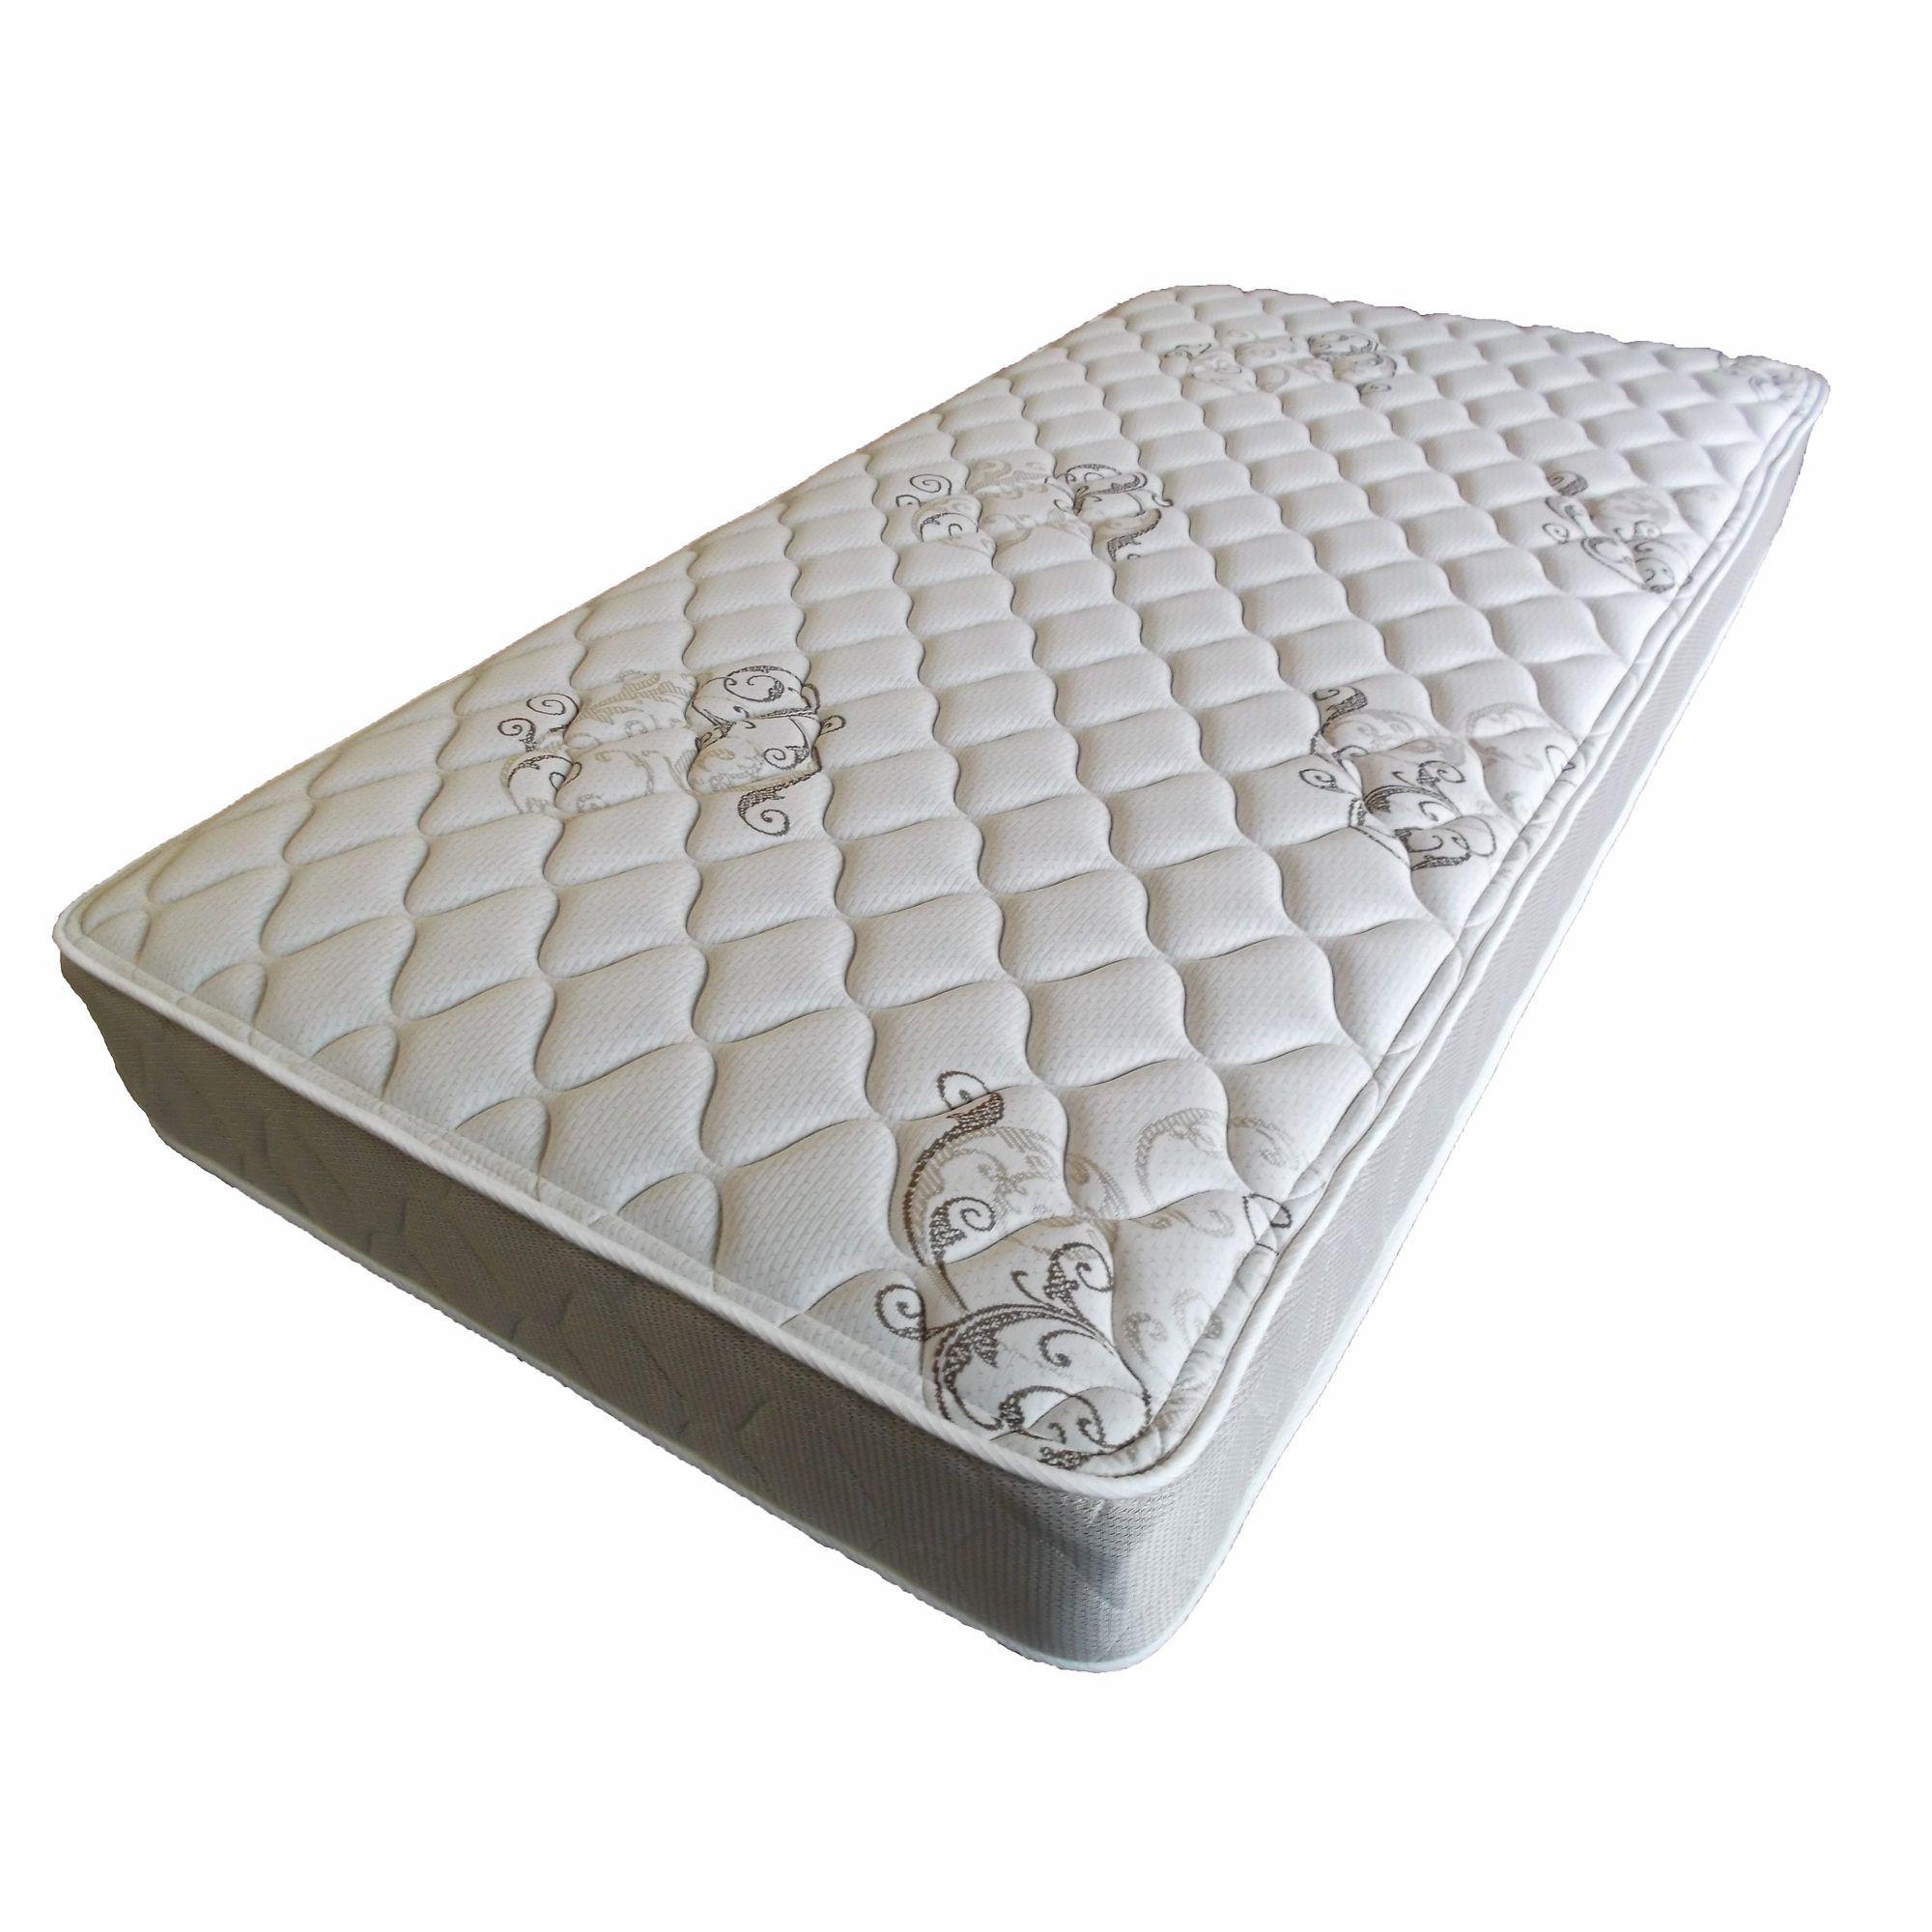 berkley jensen twin-size firm mattress - bj's wholesale club